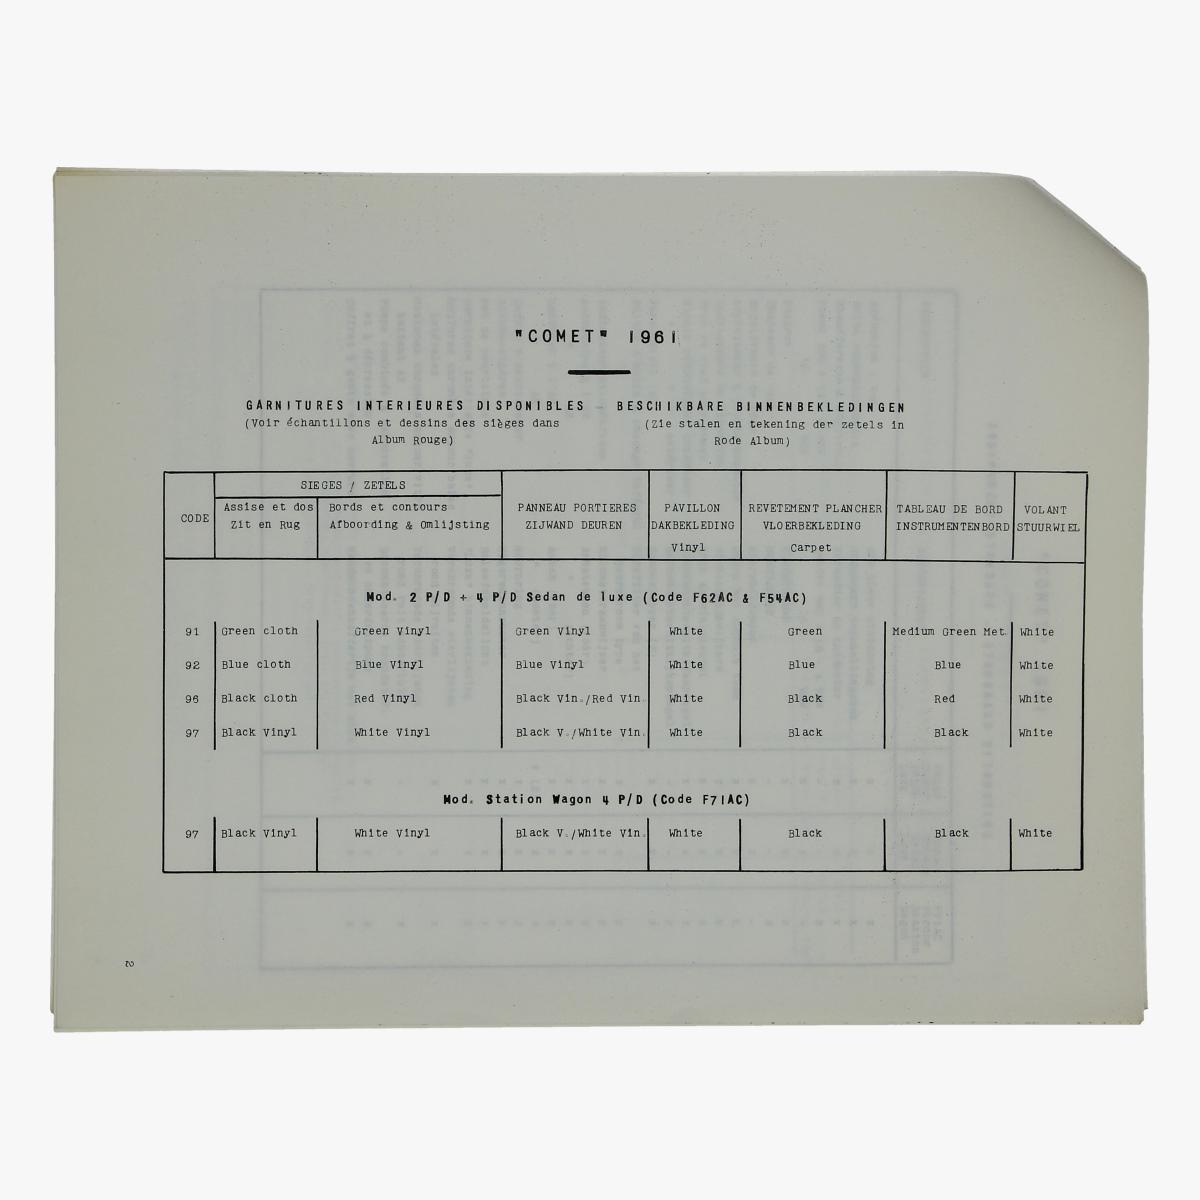 Afbeeldingen van oude folder ford motor company de nieuwe comet 1961